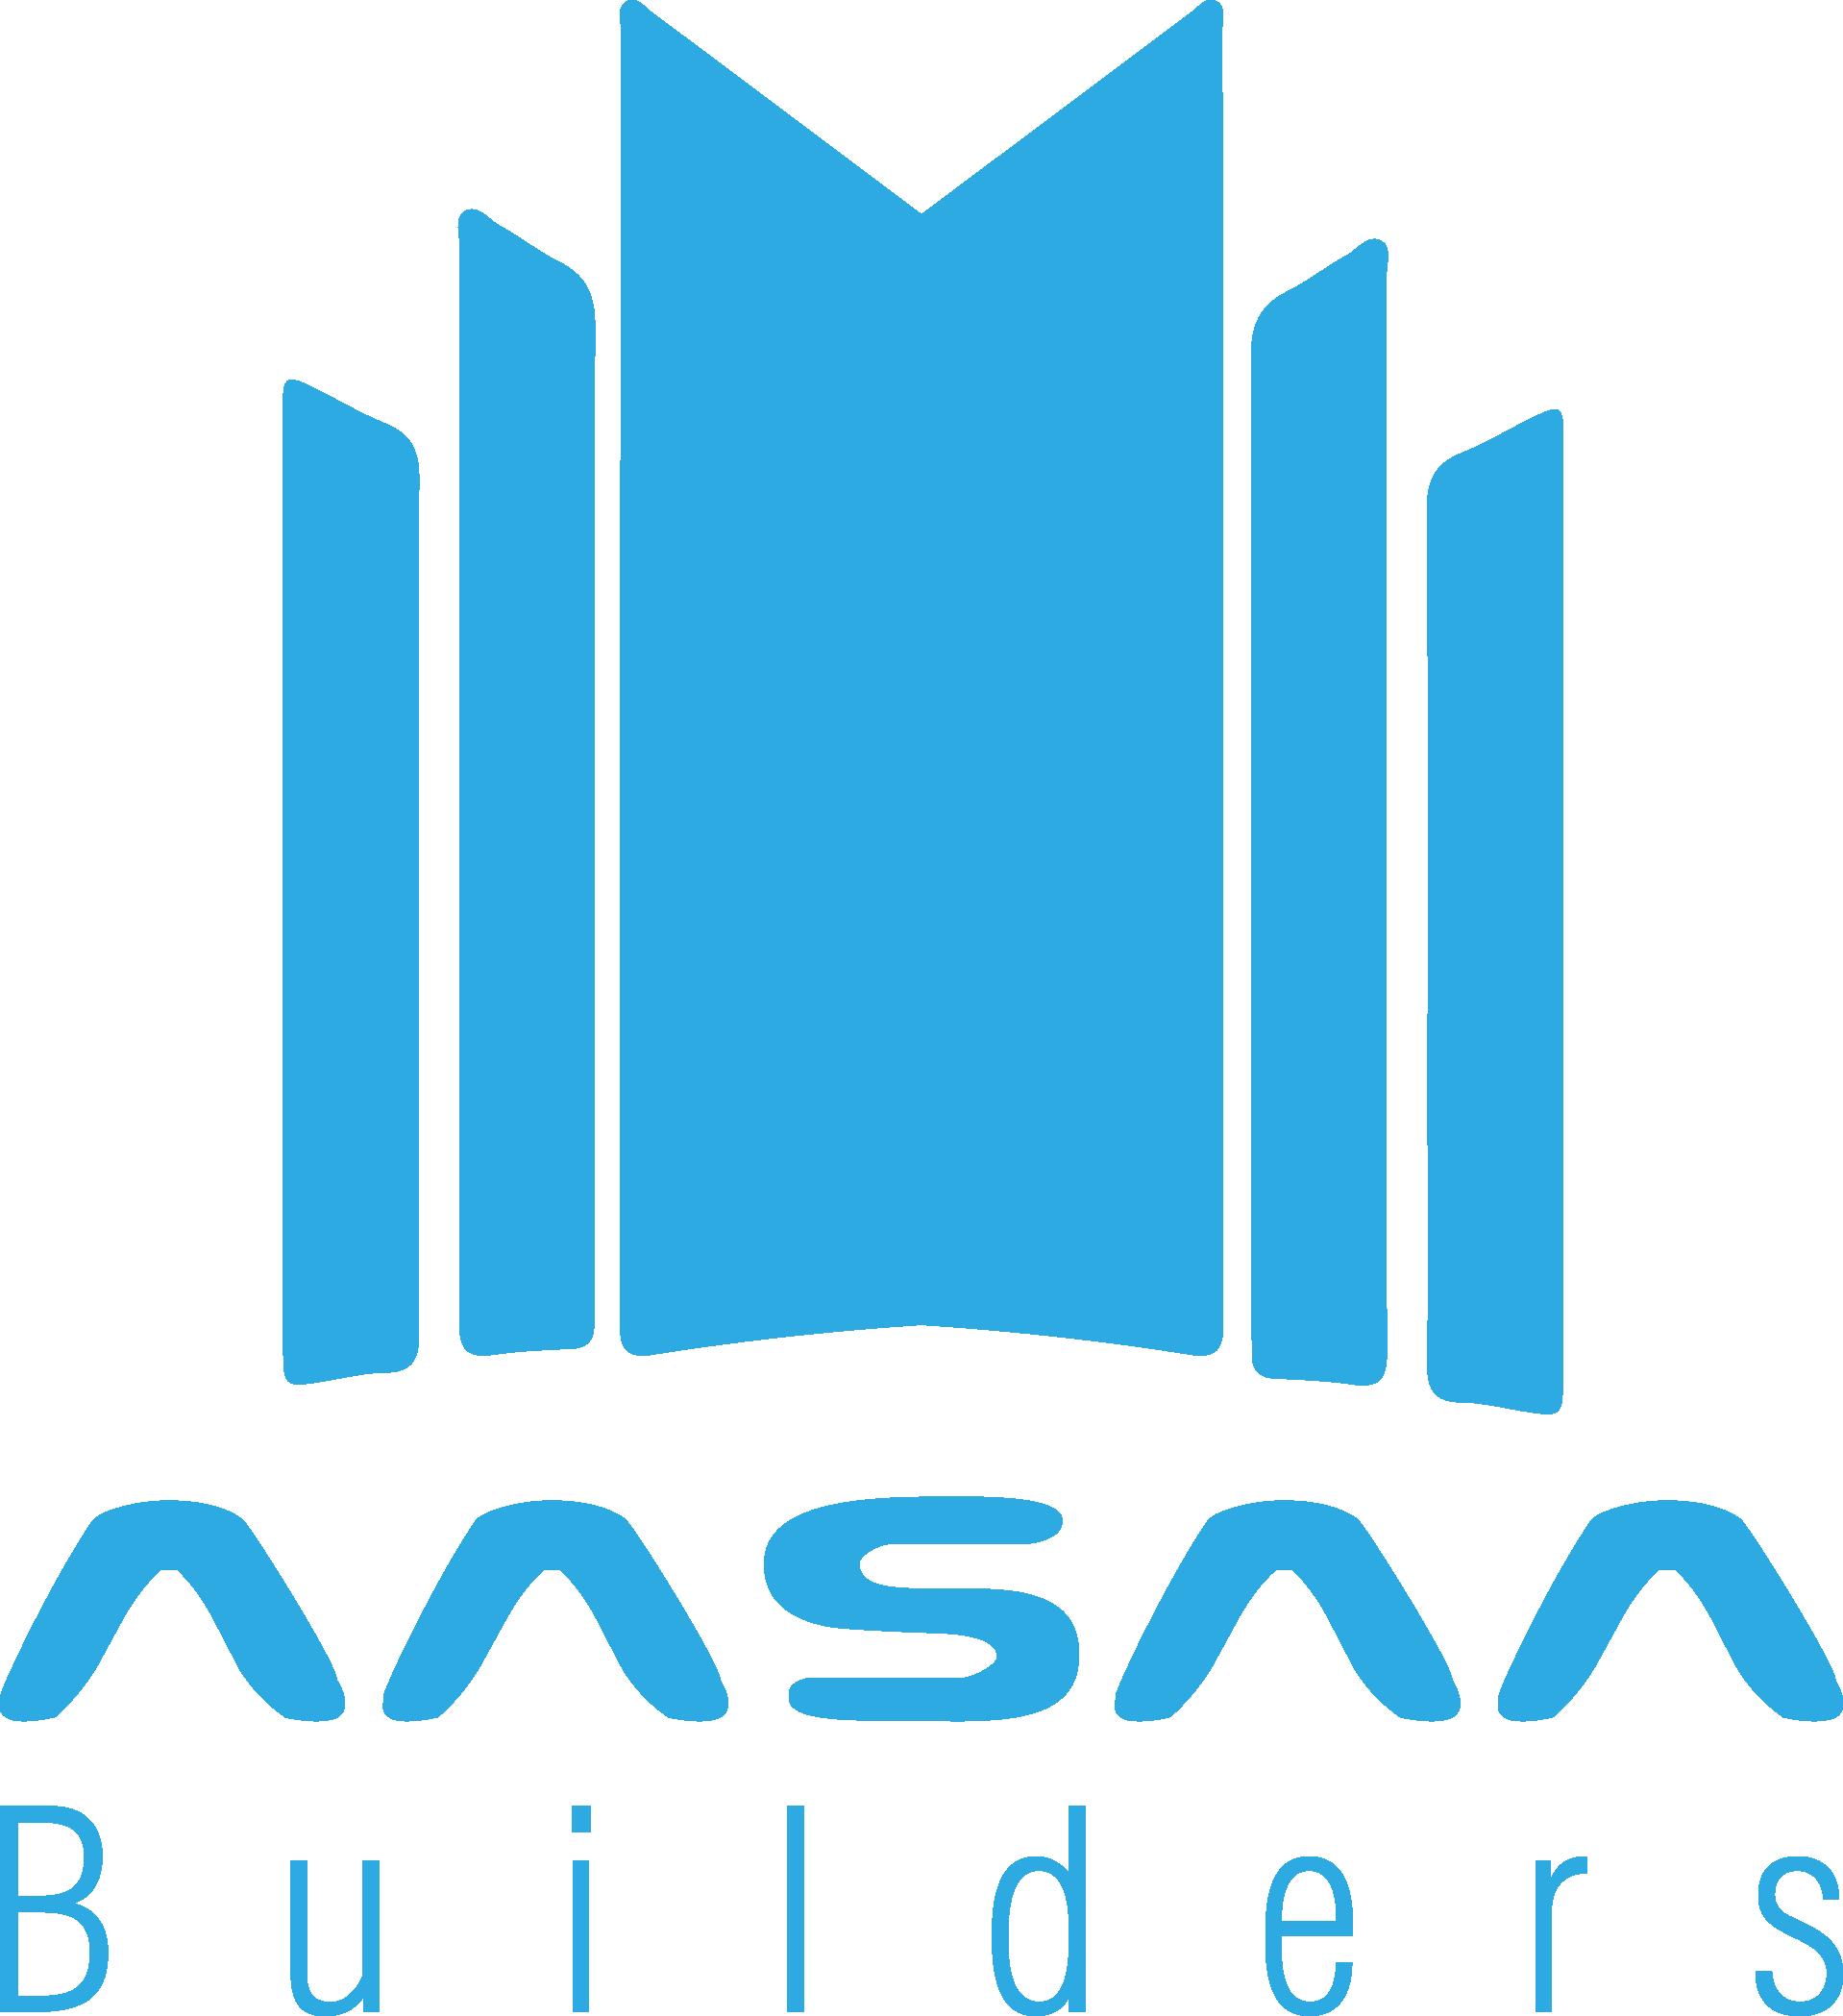 AASAA Builders